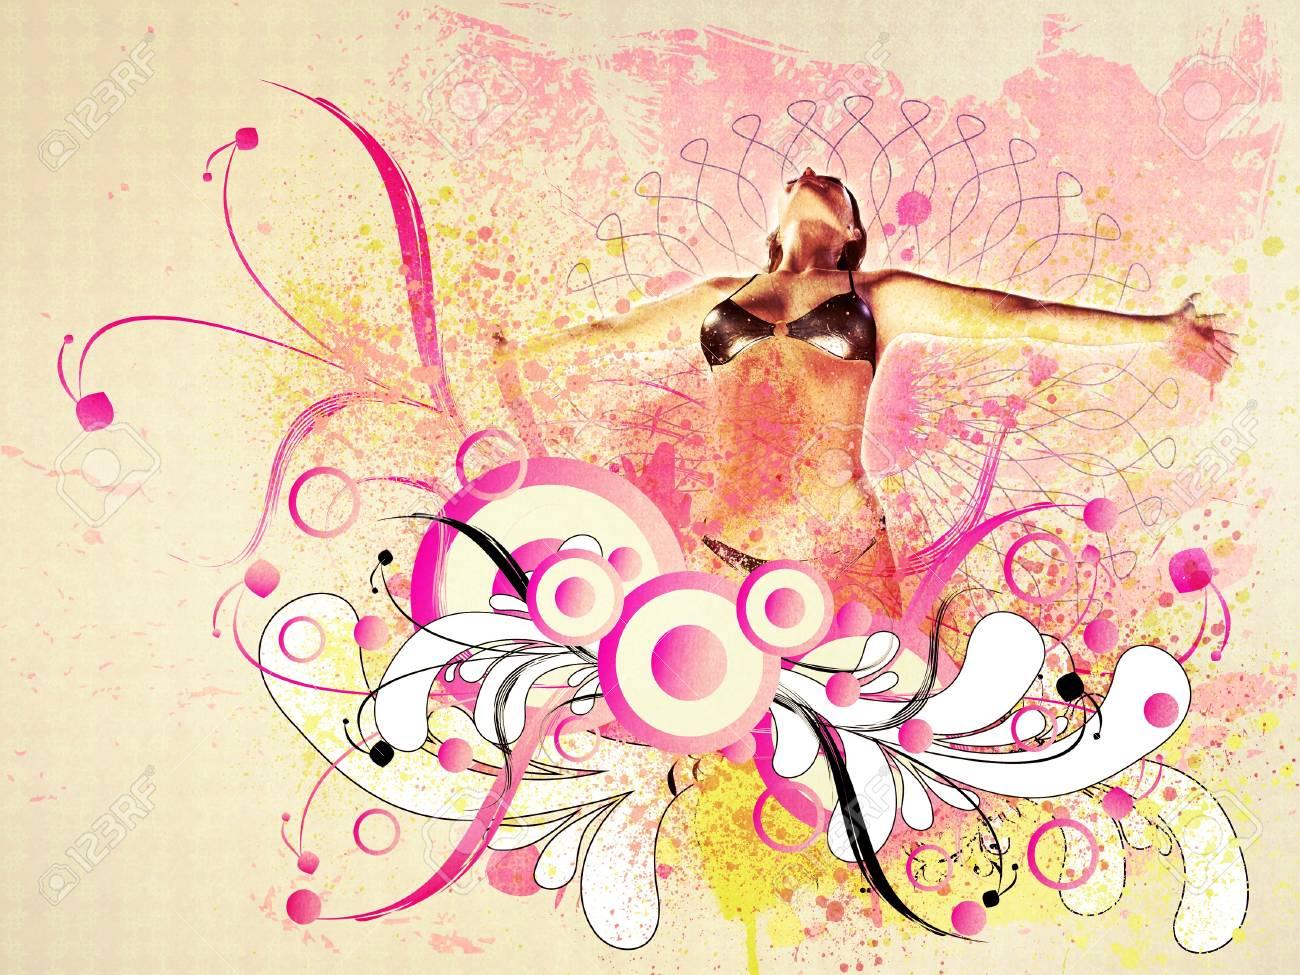 夏の花飾りの女の子の抽象的なイラスト の写真素材画像素材 Image